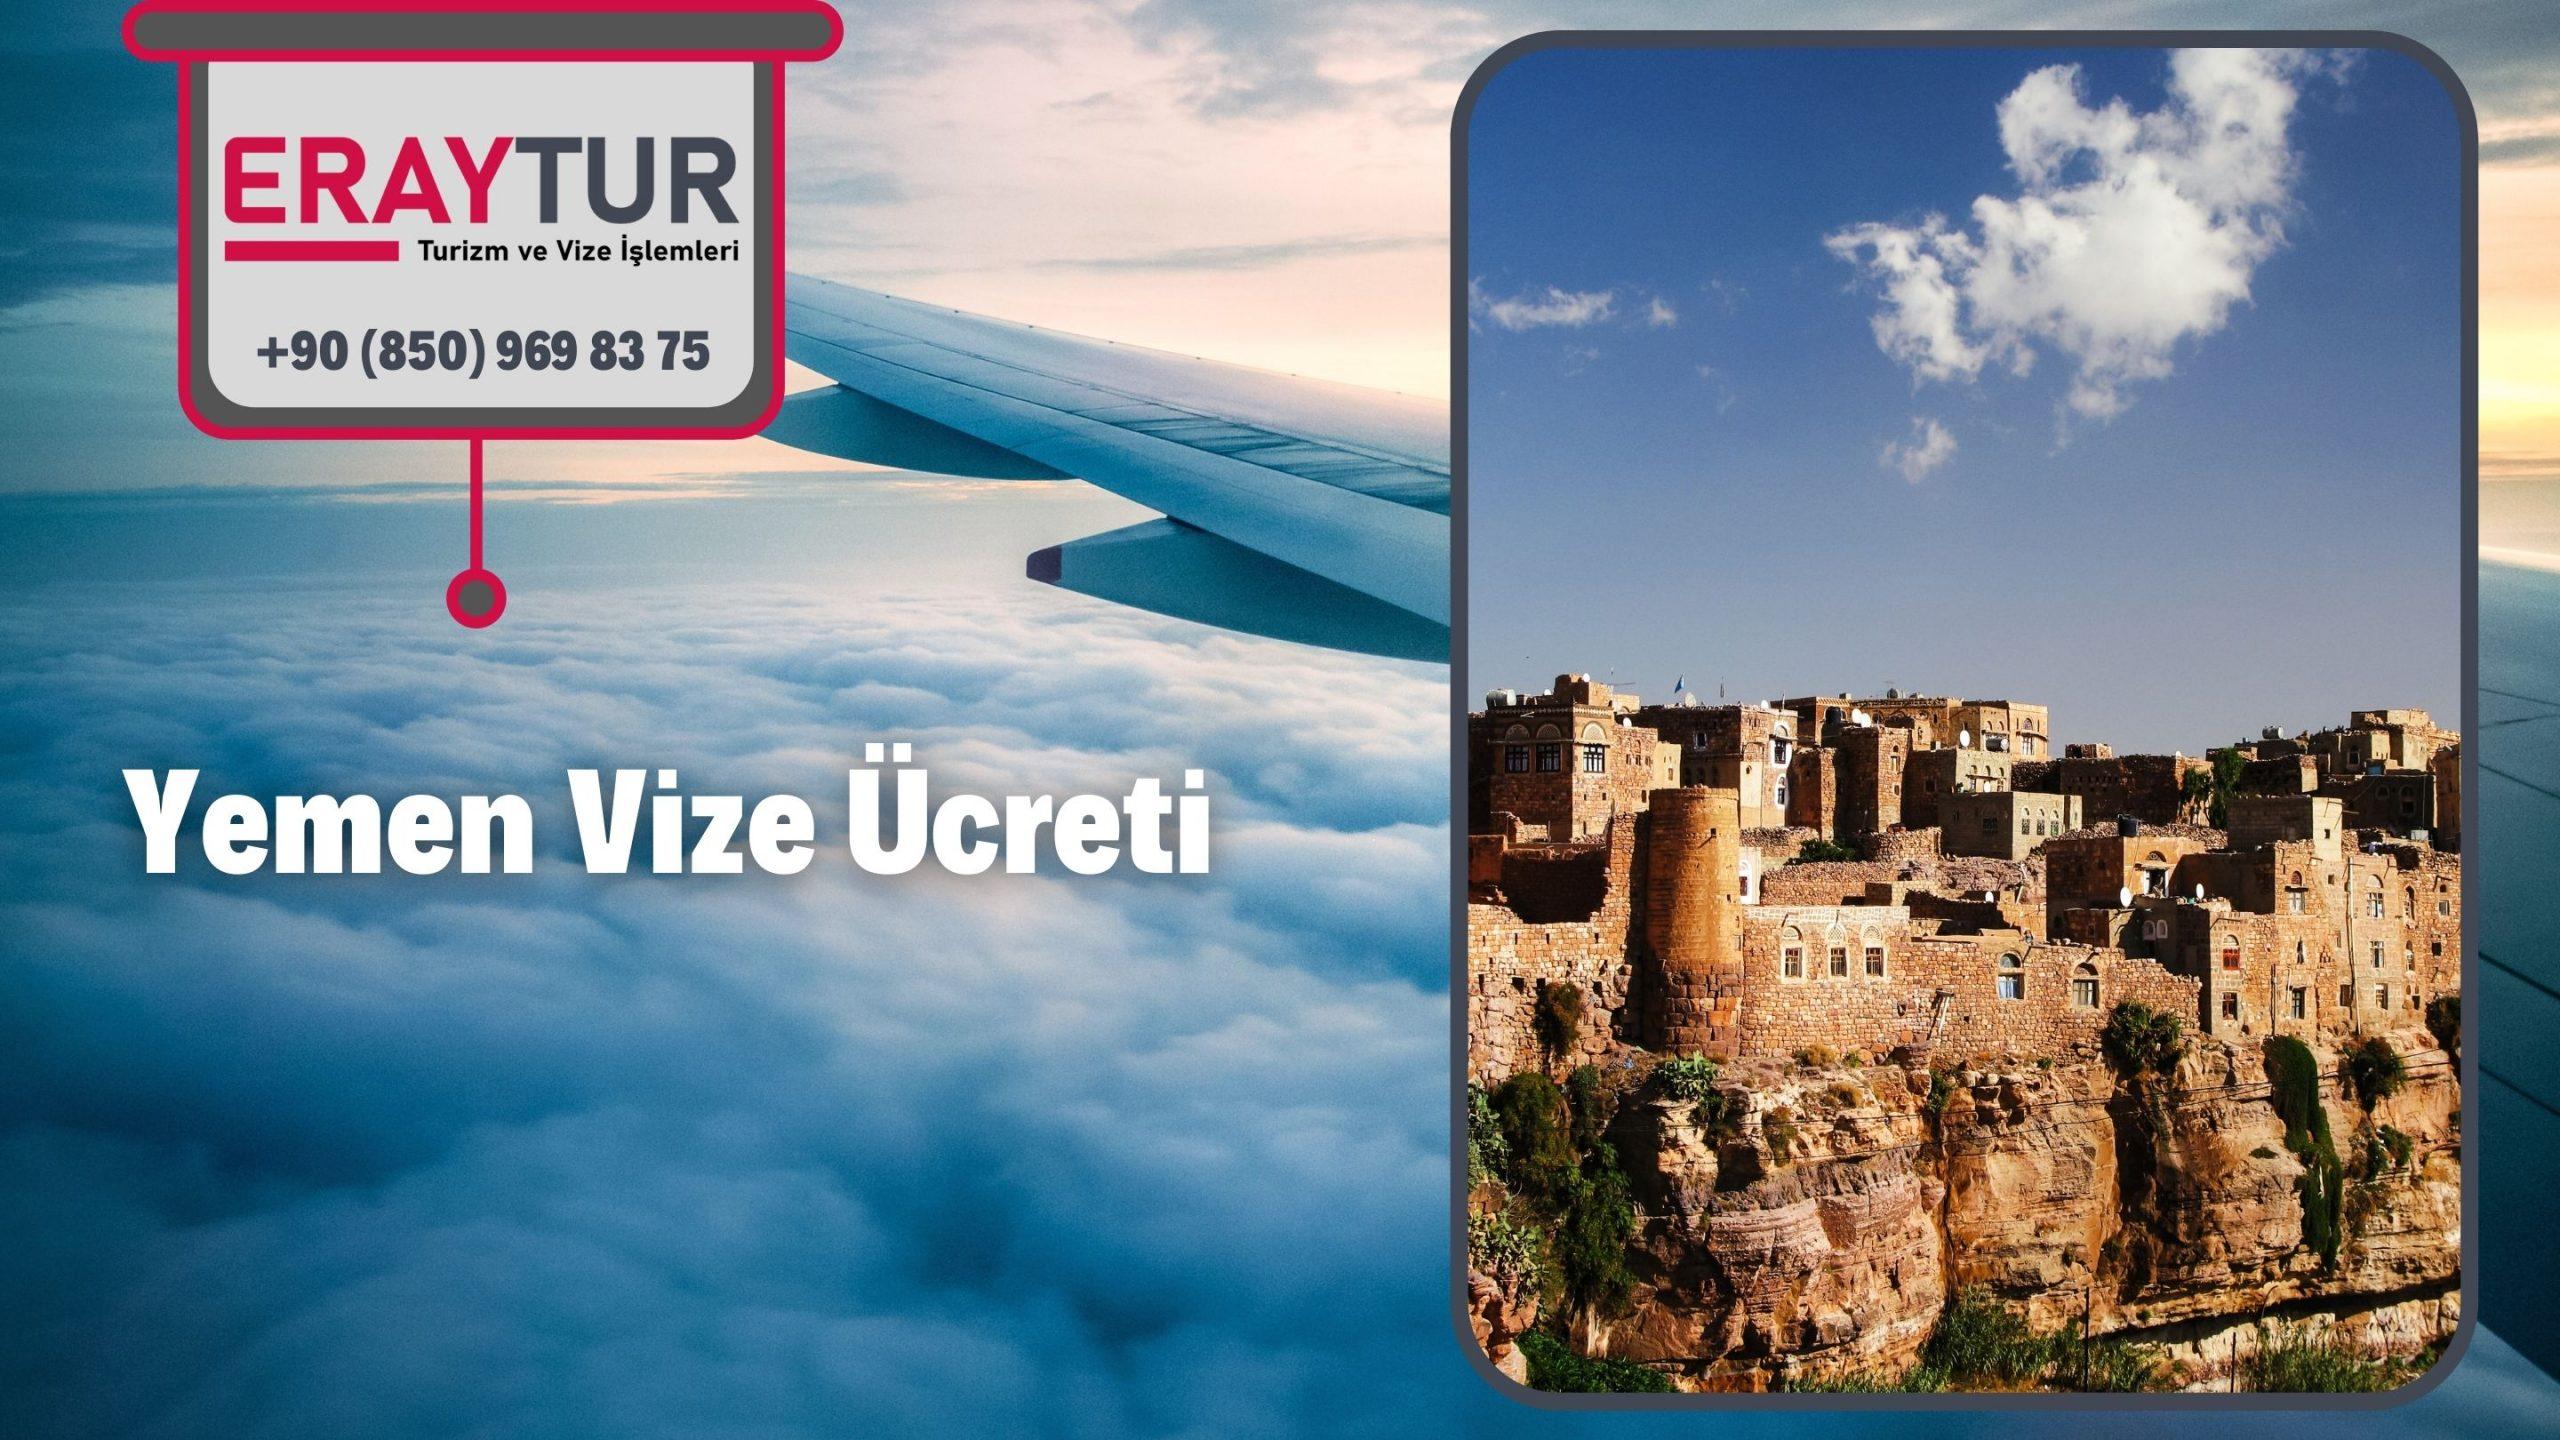 Yemen Vize Ücreti